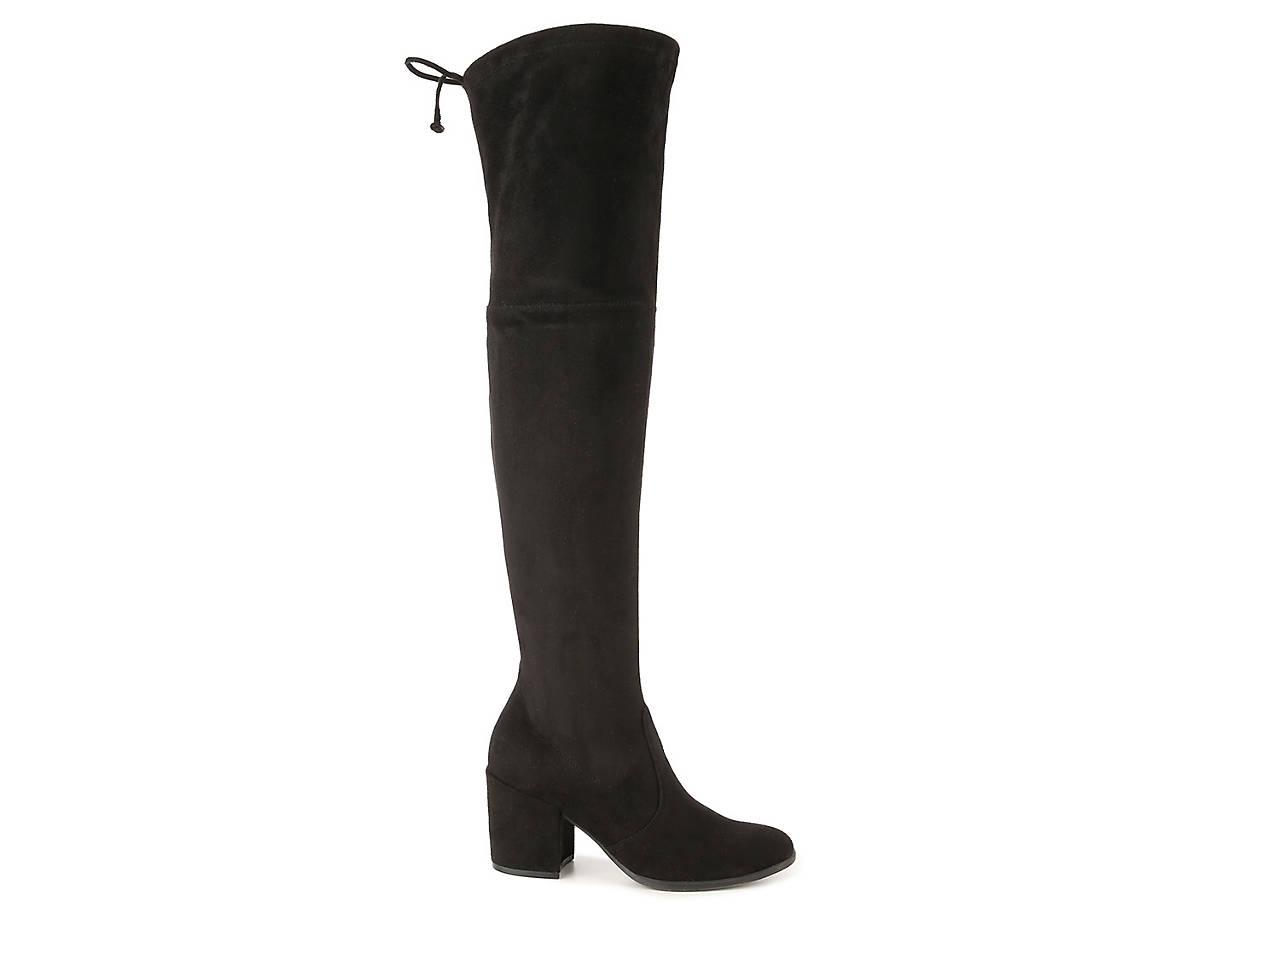 3371aac077d Unisa Dedrii Over The Knee Boot Women s Shoes